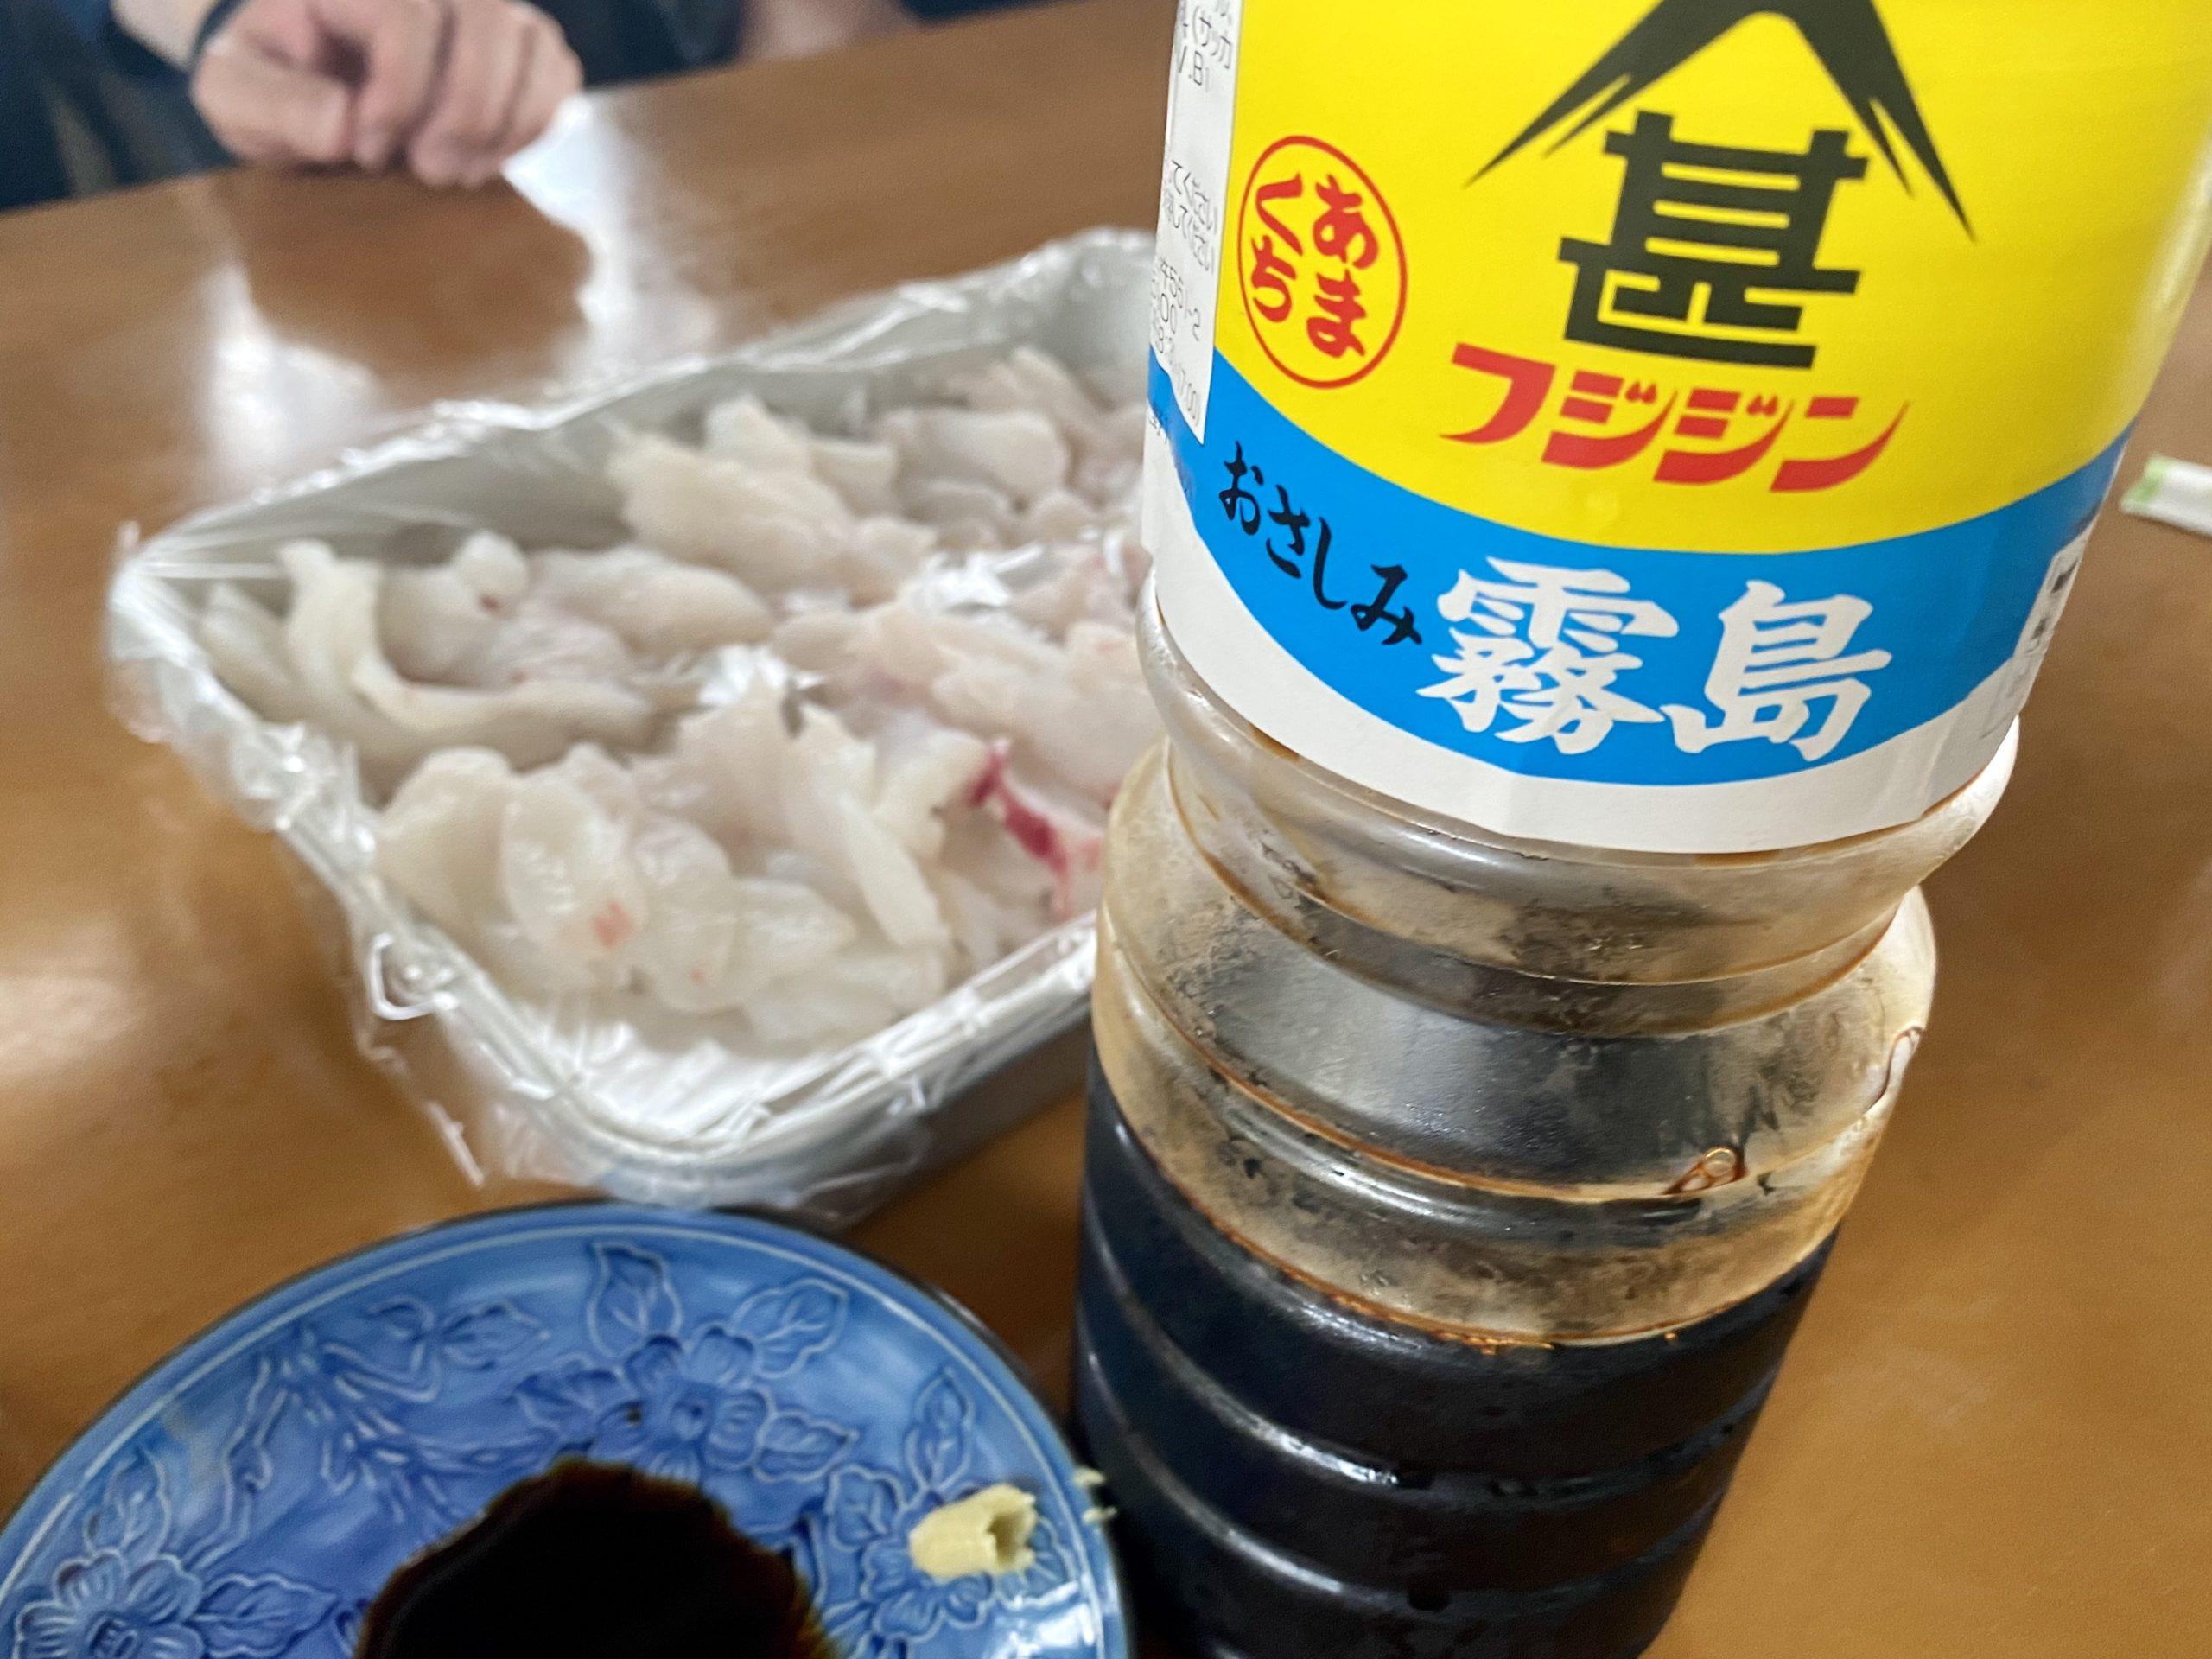 九州は甘口の刺身醤油ですねー